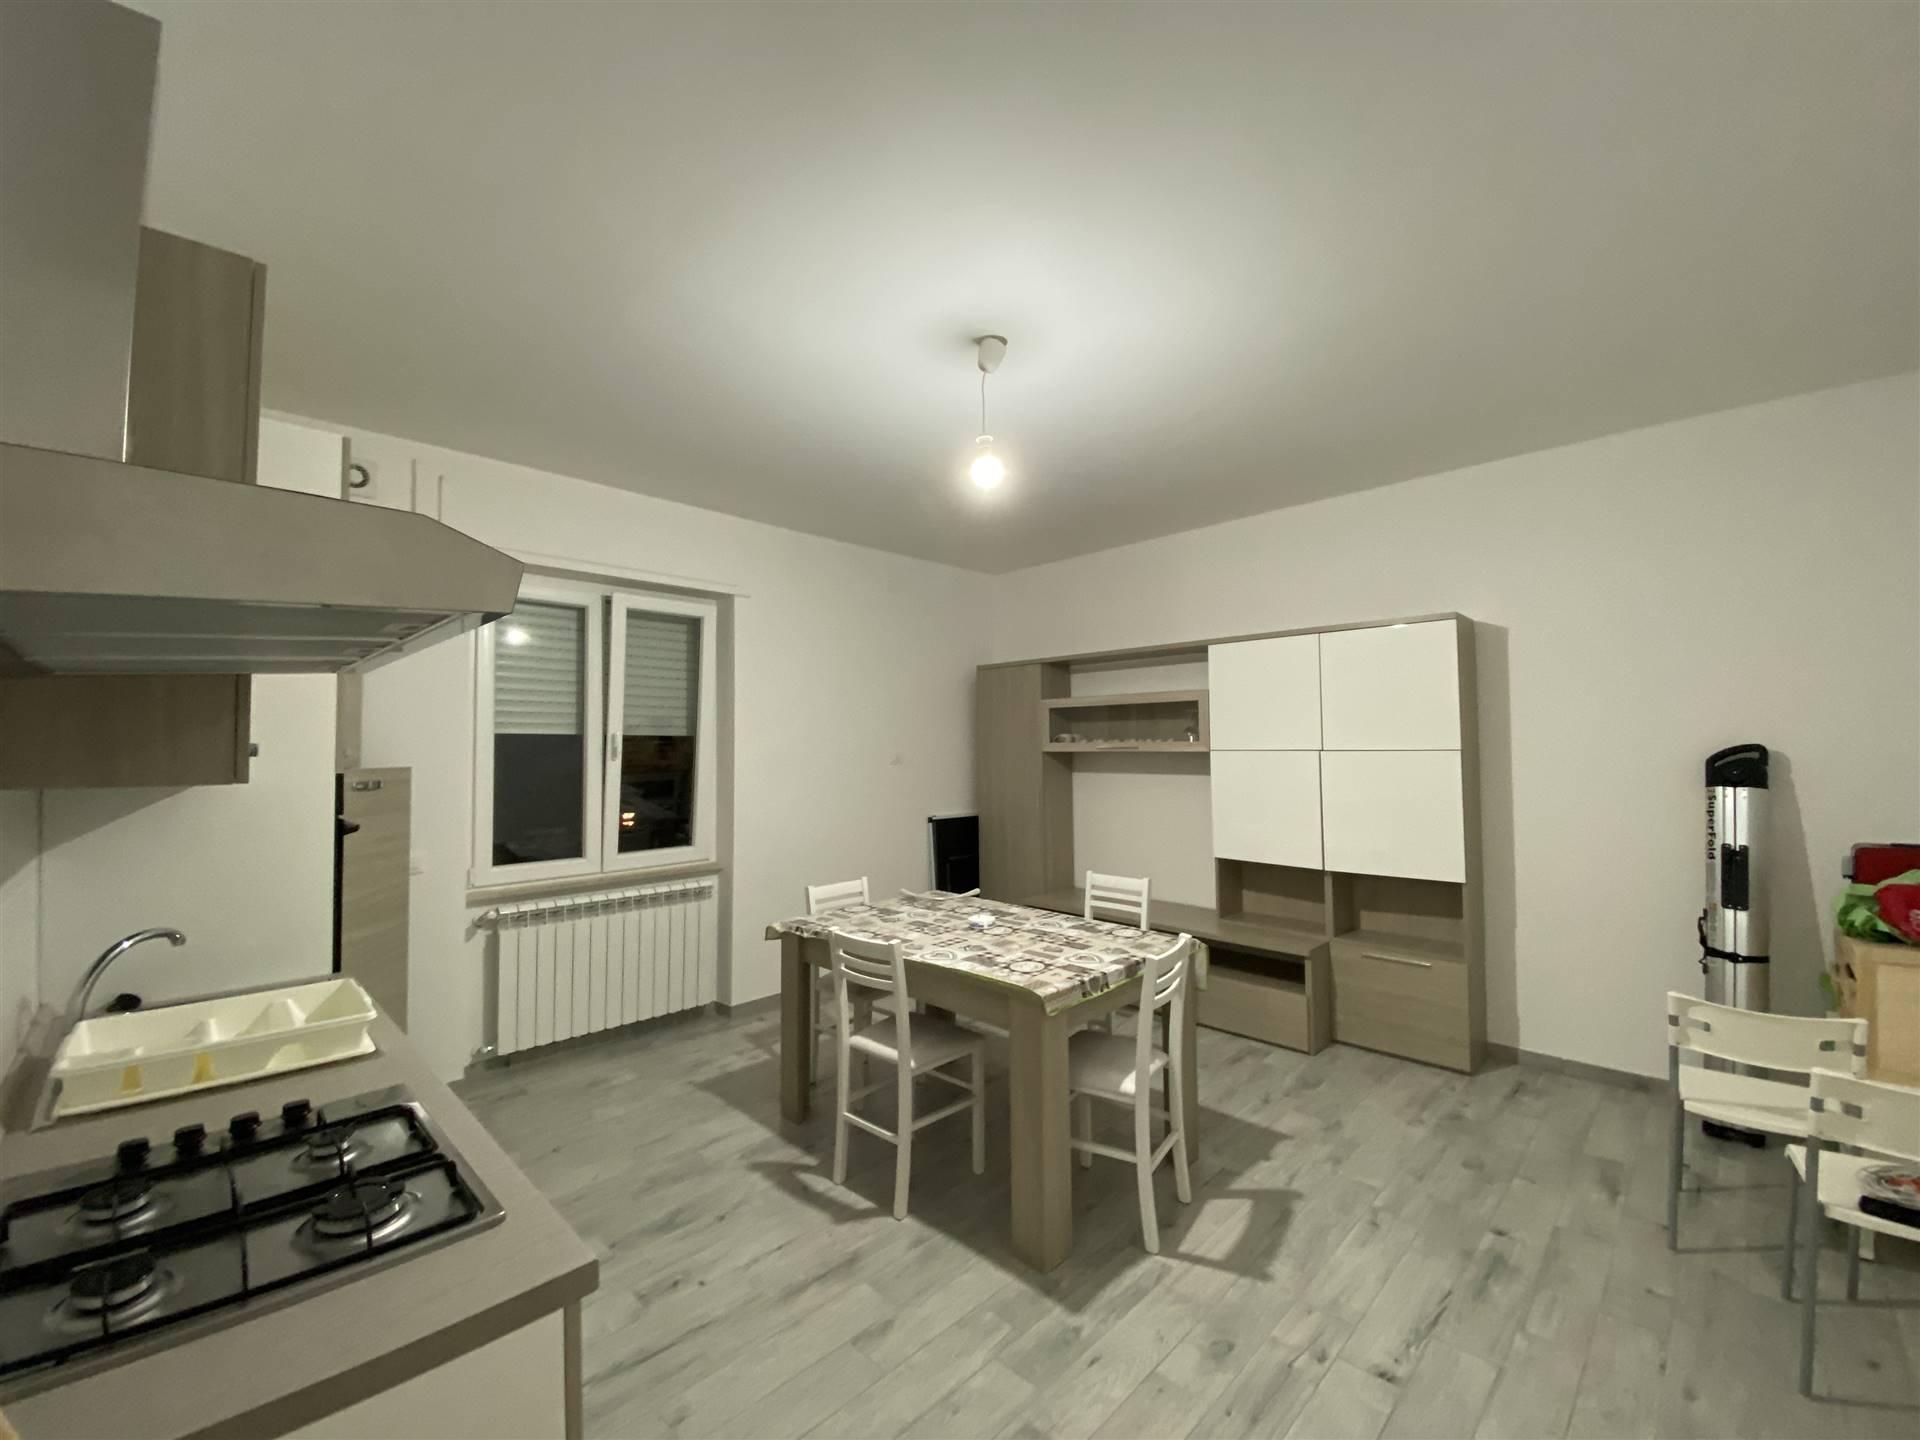 Foto soggiorno-cucina